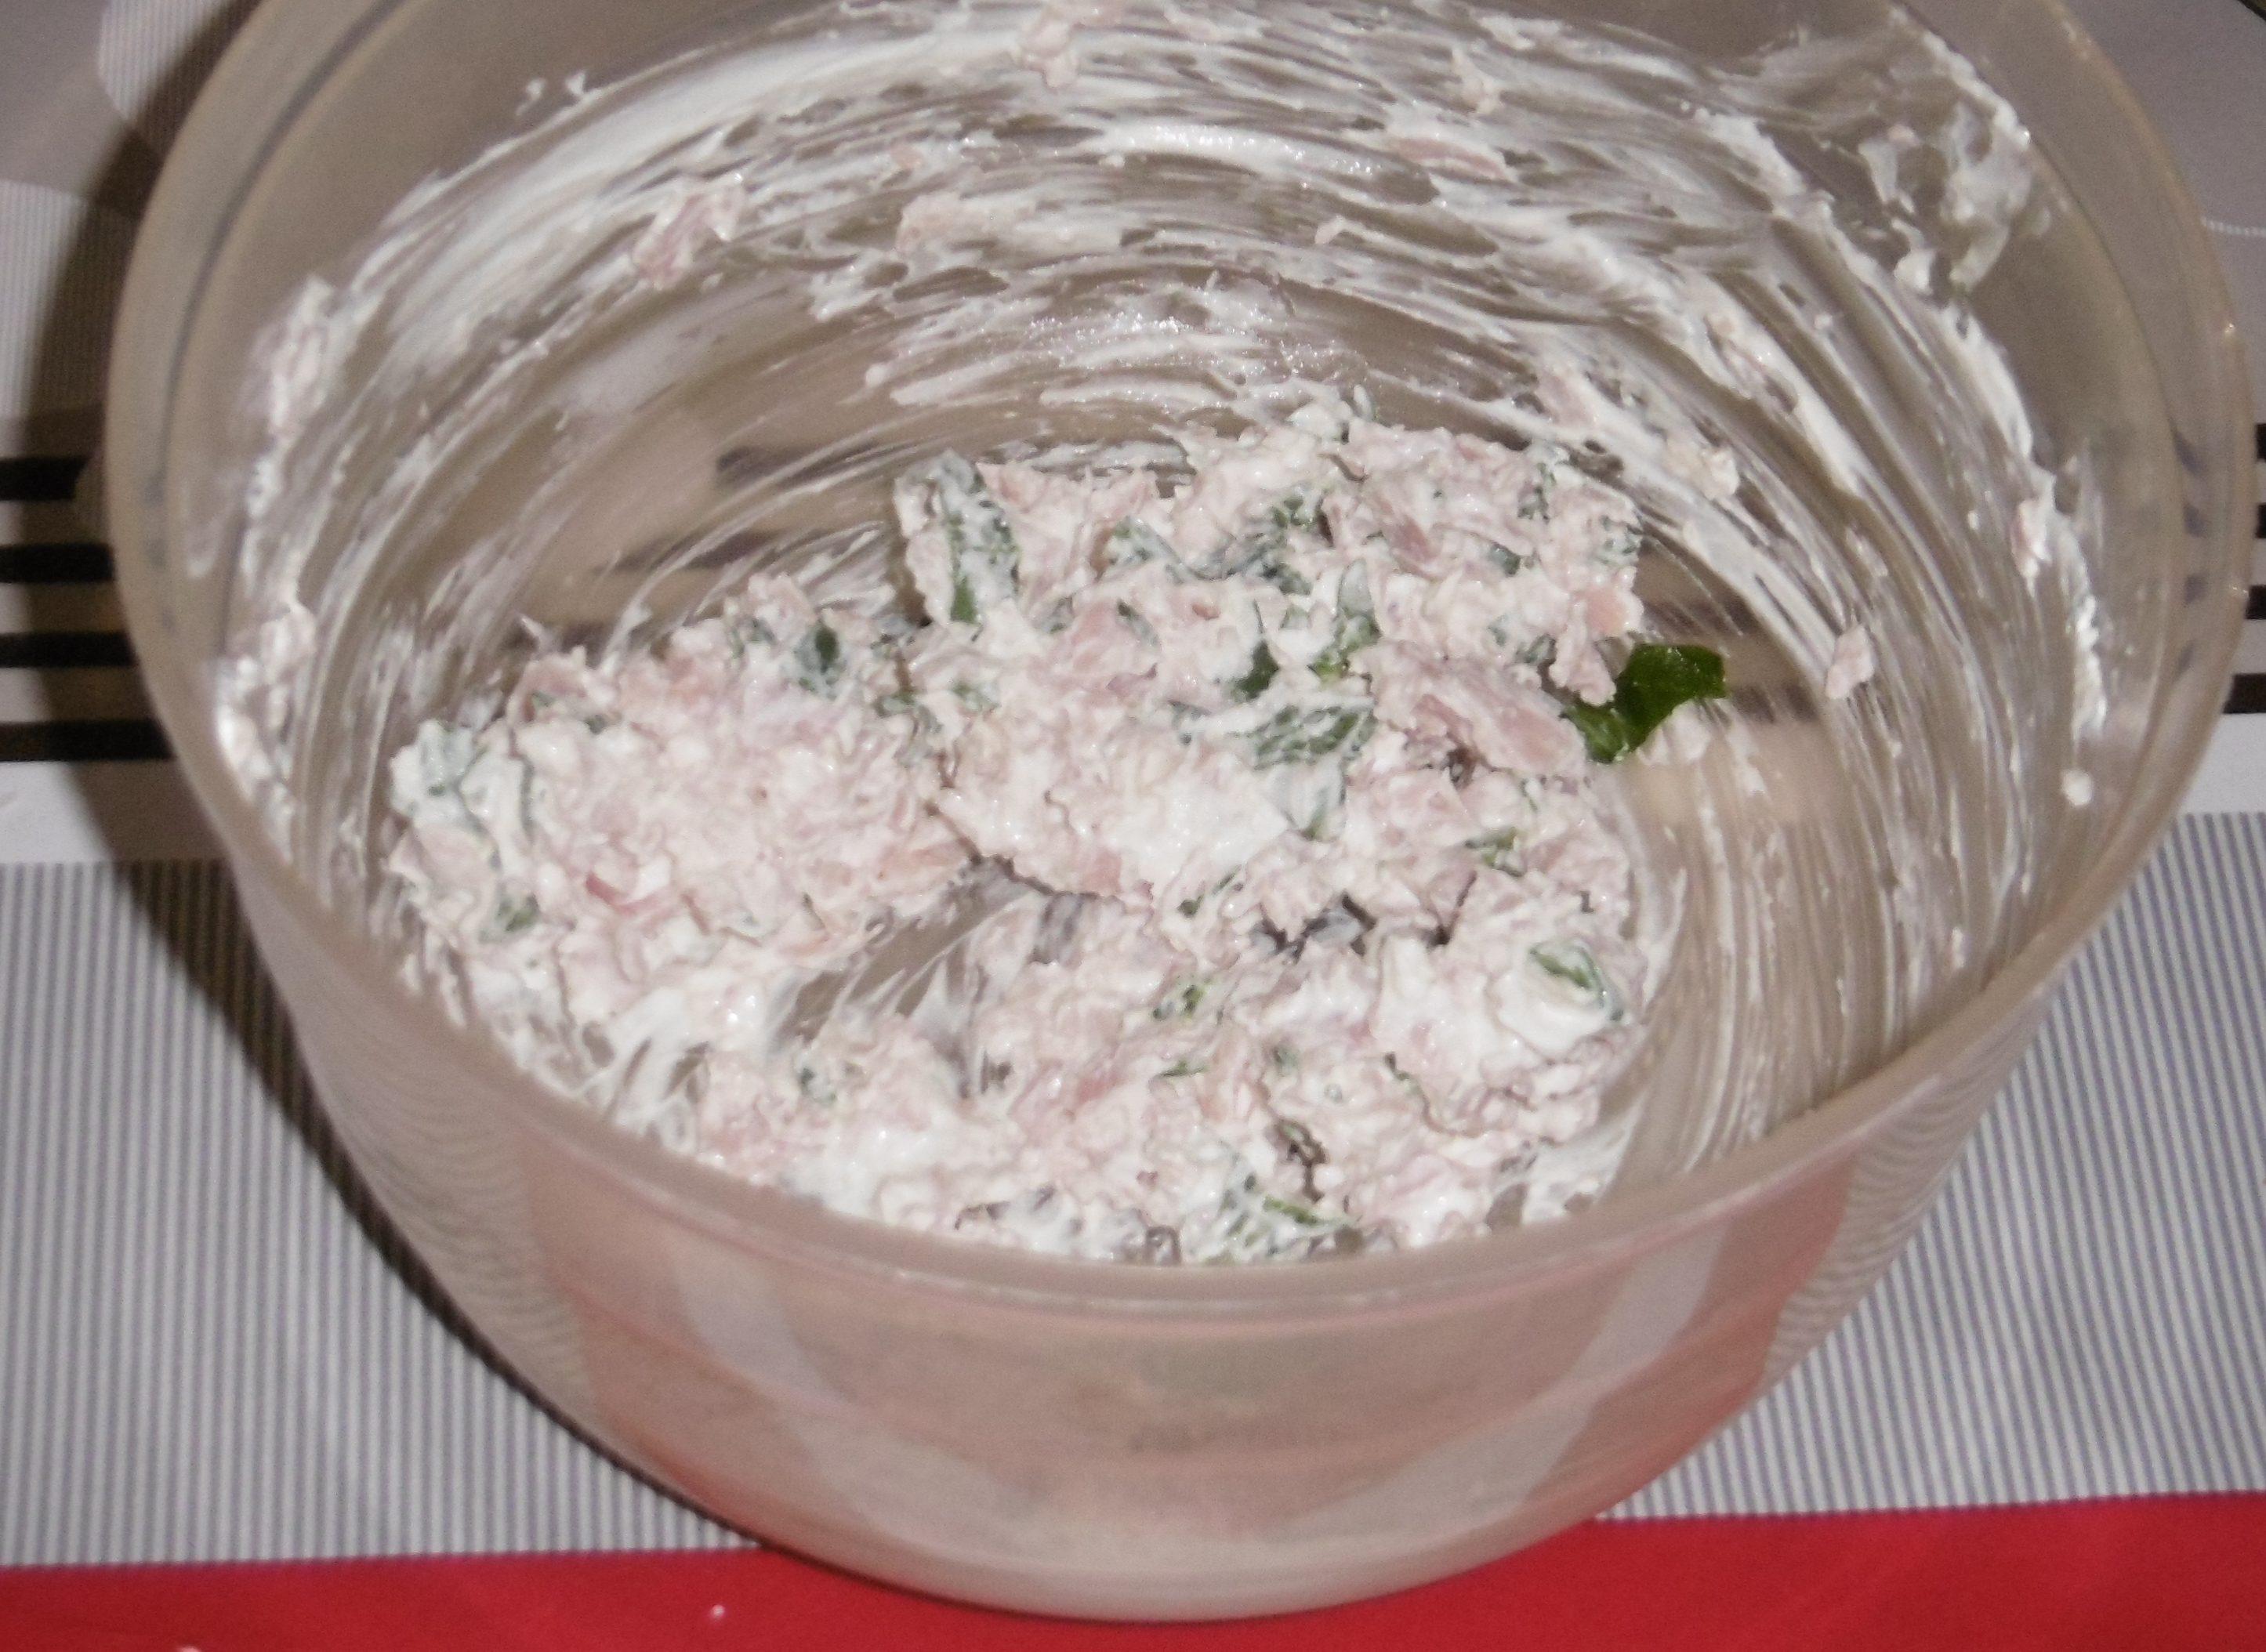 Cornetti salati ripieni - Formaggio e rucola